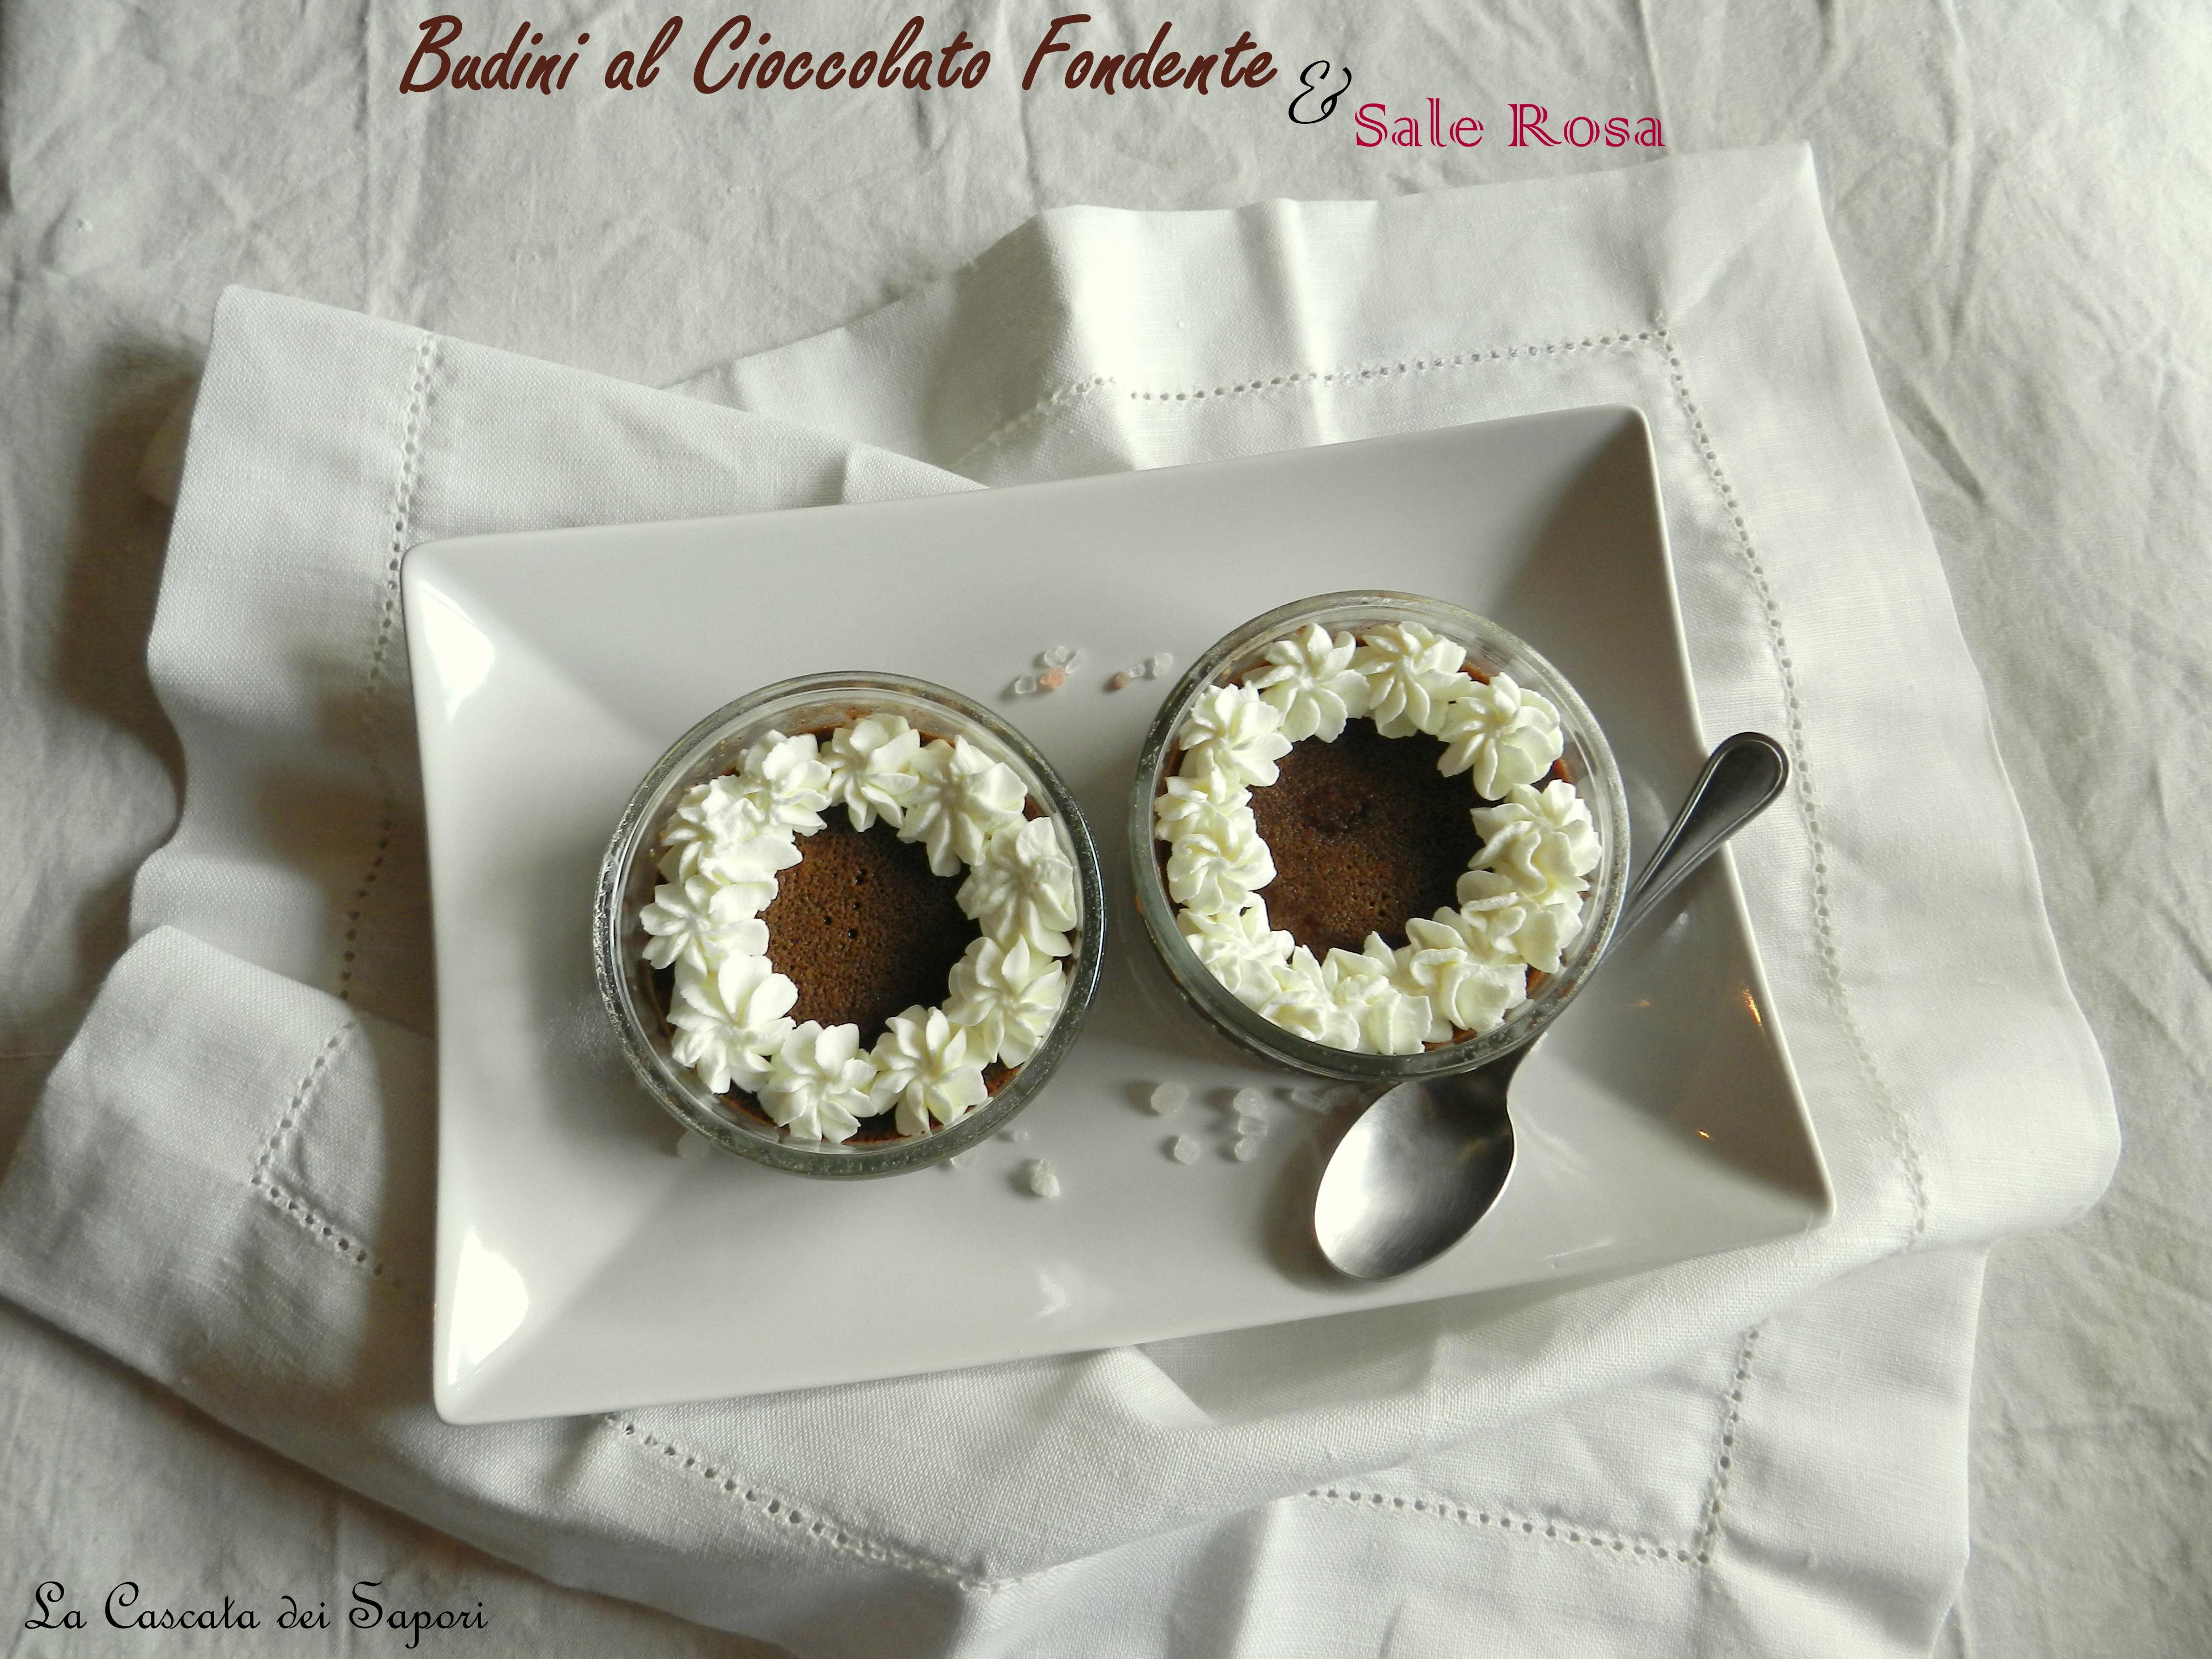 Budini-al-Cioccolato-Fondente-e-Sale-Rosa